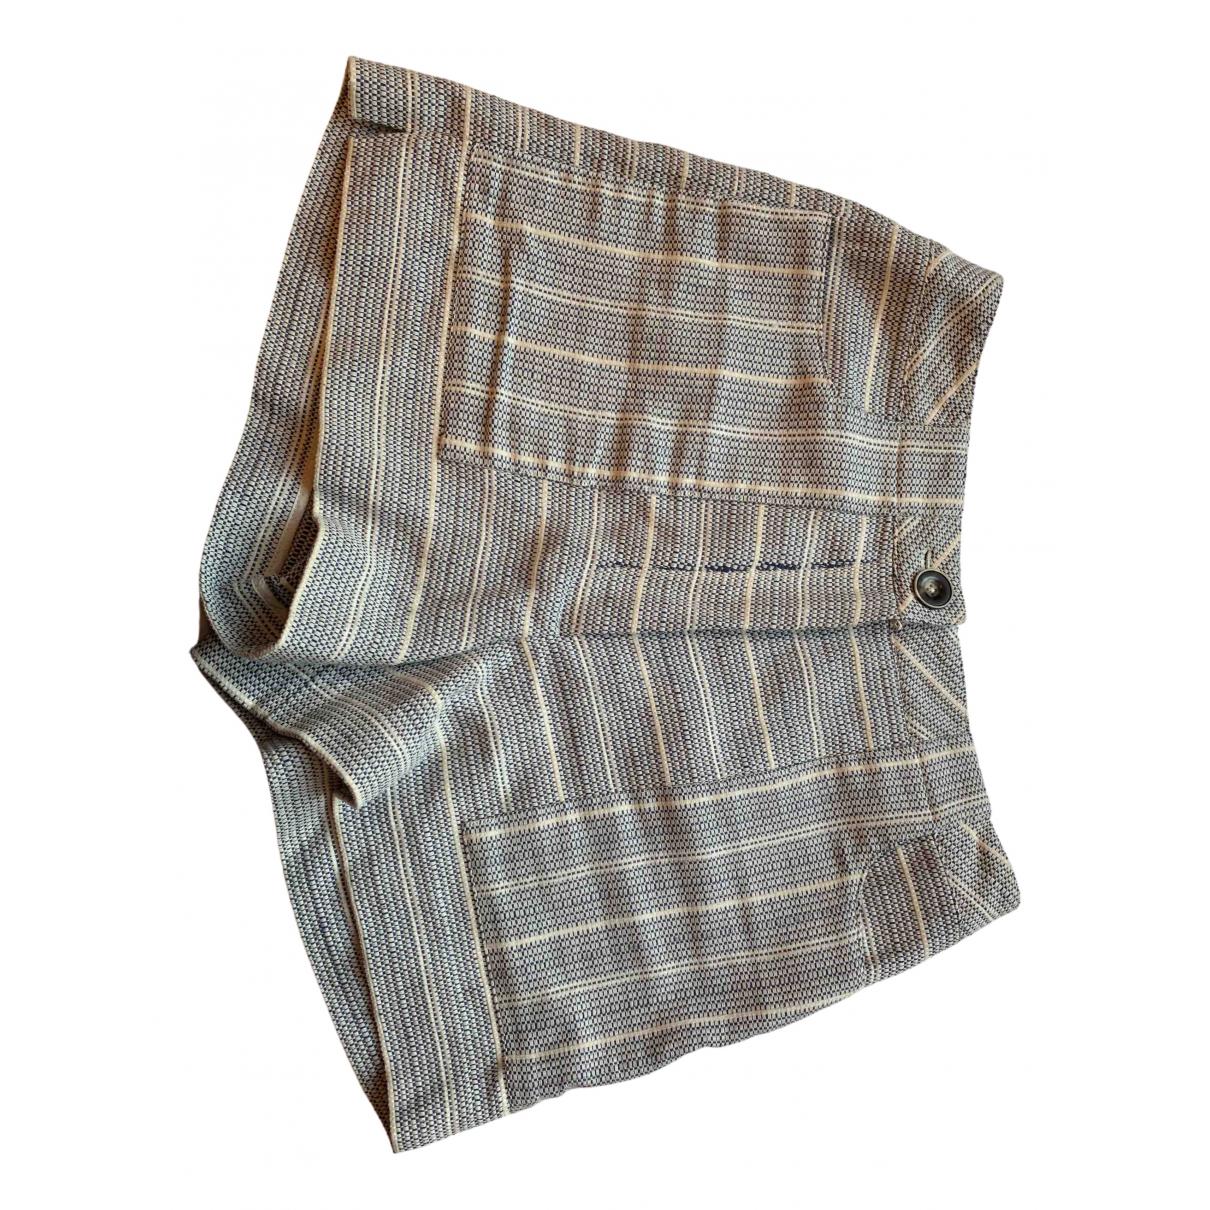 Intermix \N Shorts in  Blau Baumwolle